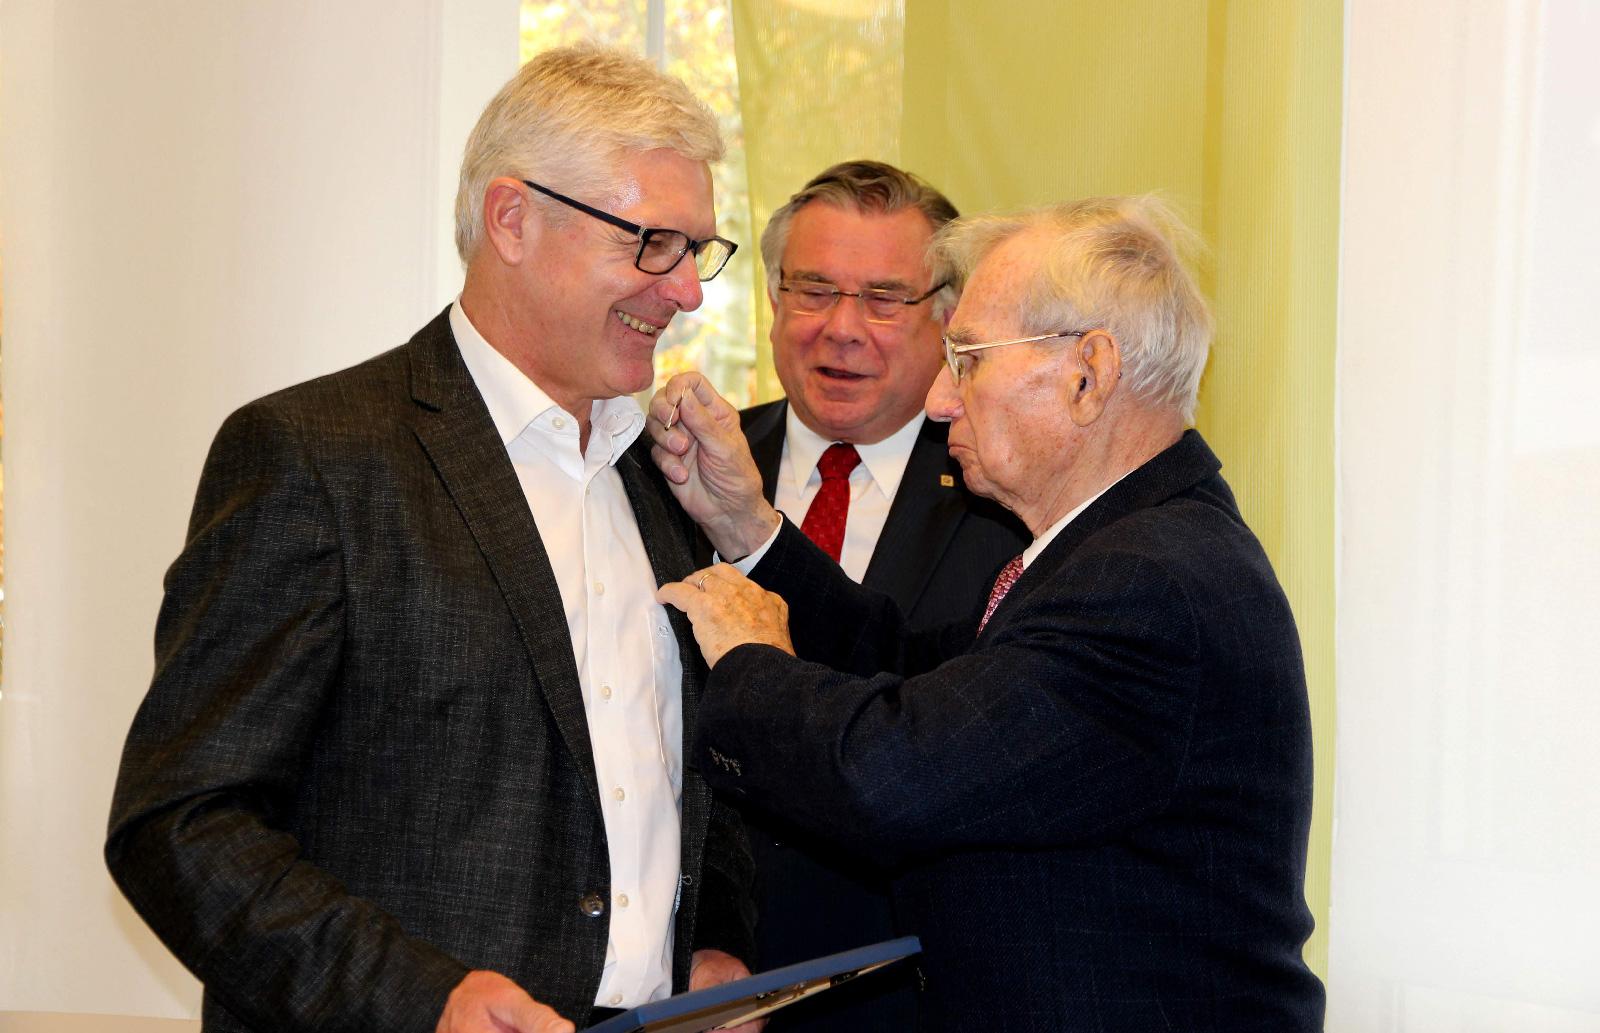 """Die """"Silberne Ehrennadel"""" empfing der Jubilar von Ehrenvorsitzenden Gerd Neumann und 1. Vorsitzenden und stellvertretenden Vorsitzender der Lebenshilfe Bayern, Gerhard John."""